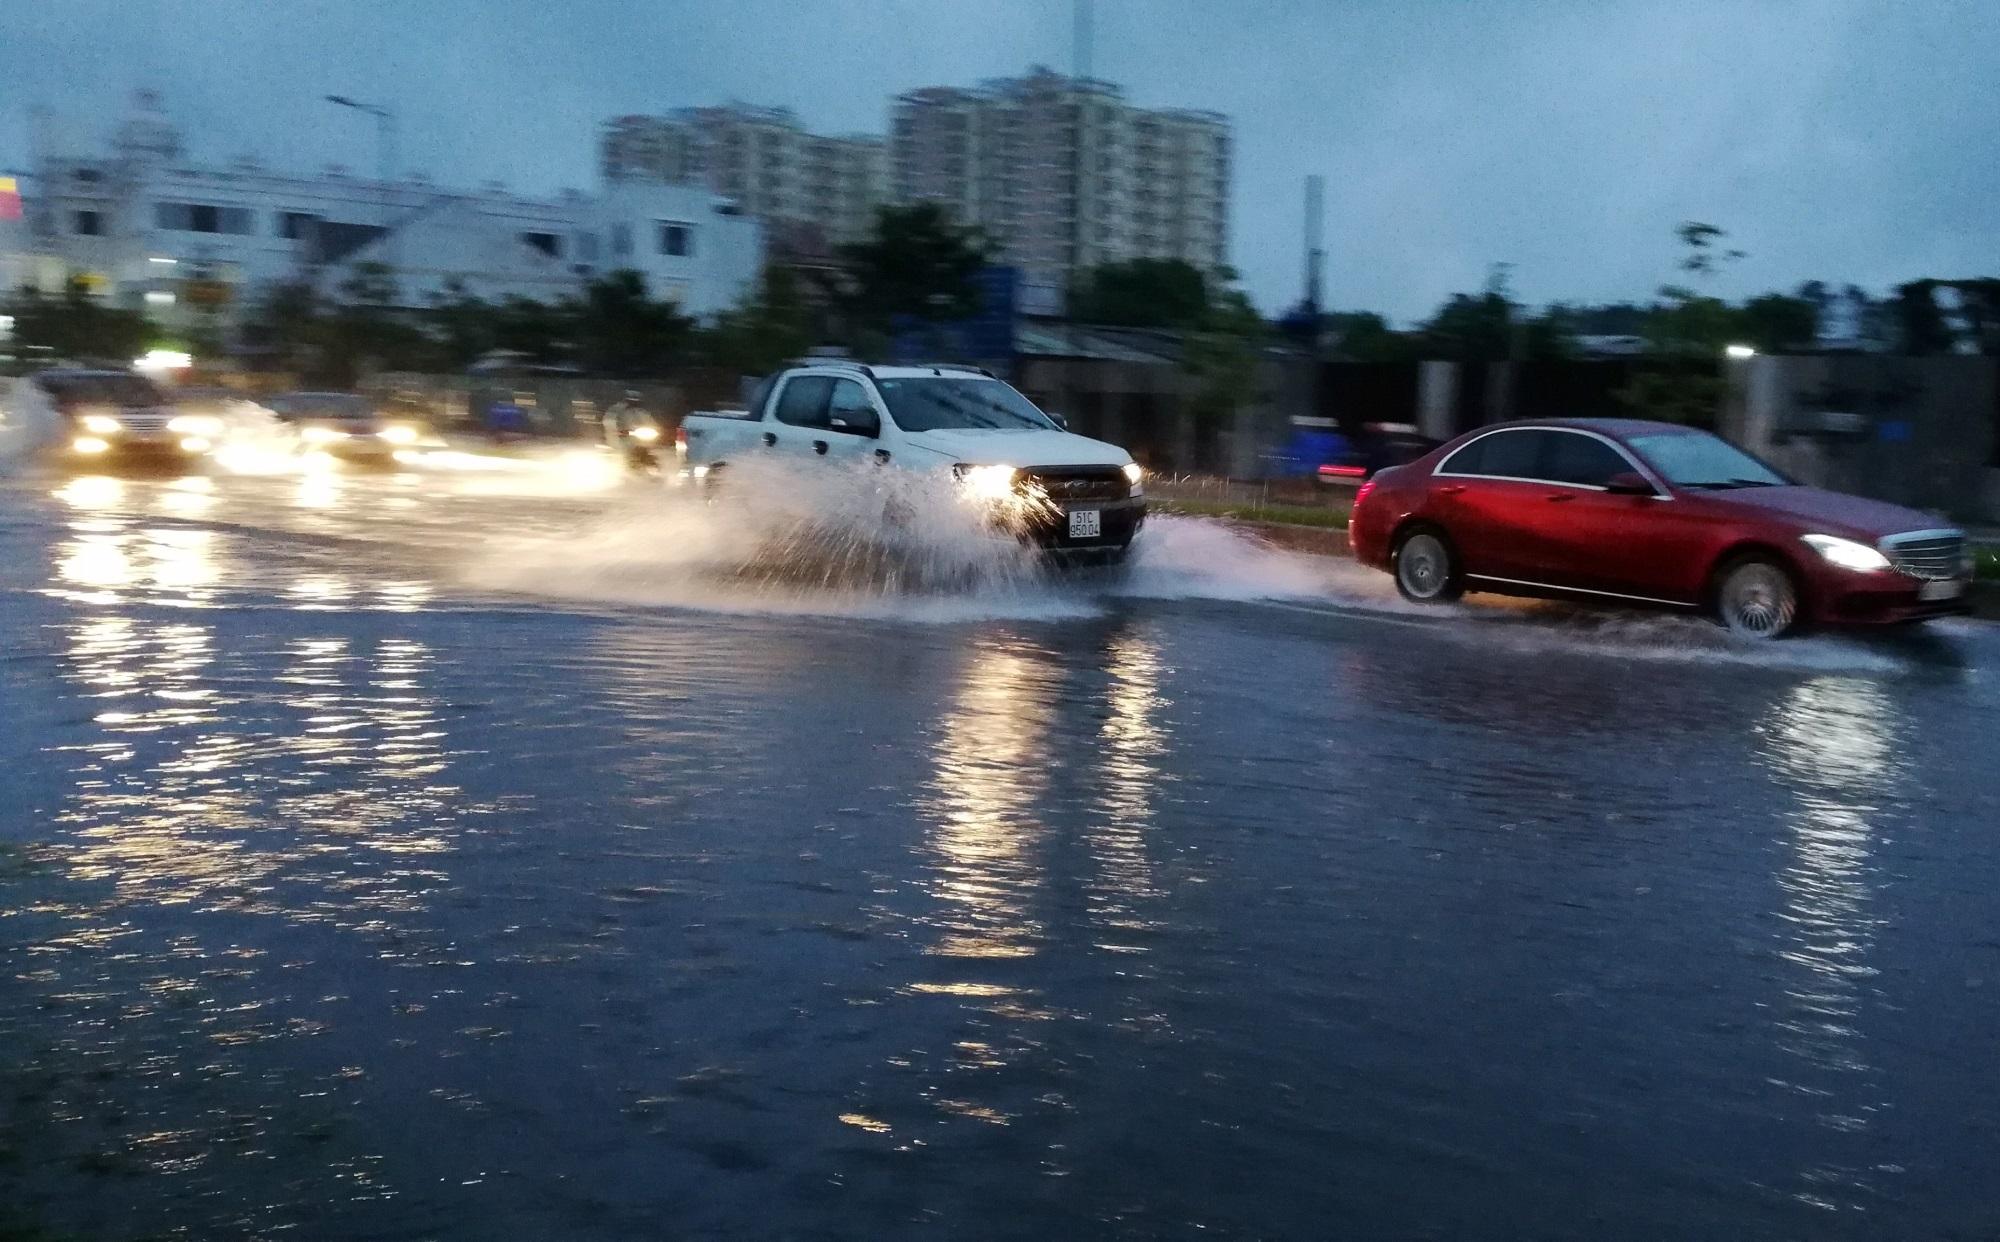 Sài Gòn ngập kinh hoàng, cây ngã đè người đi xe máy tử vong trong tâm bão - Ảnh 3